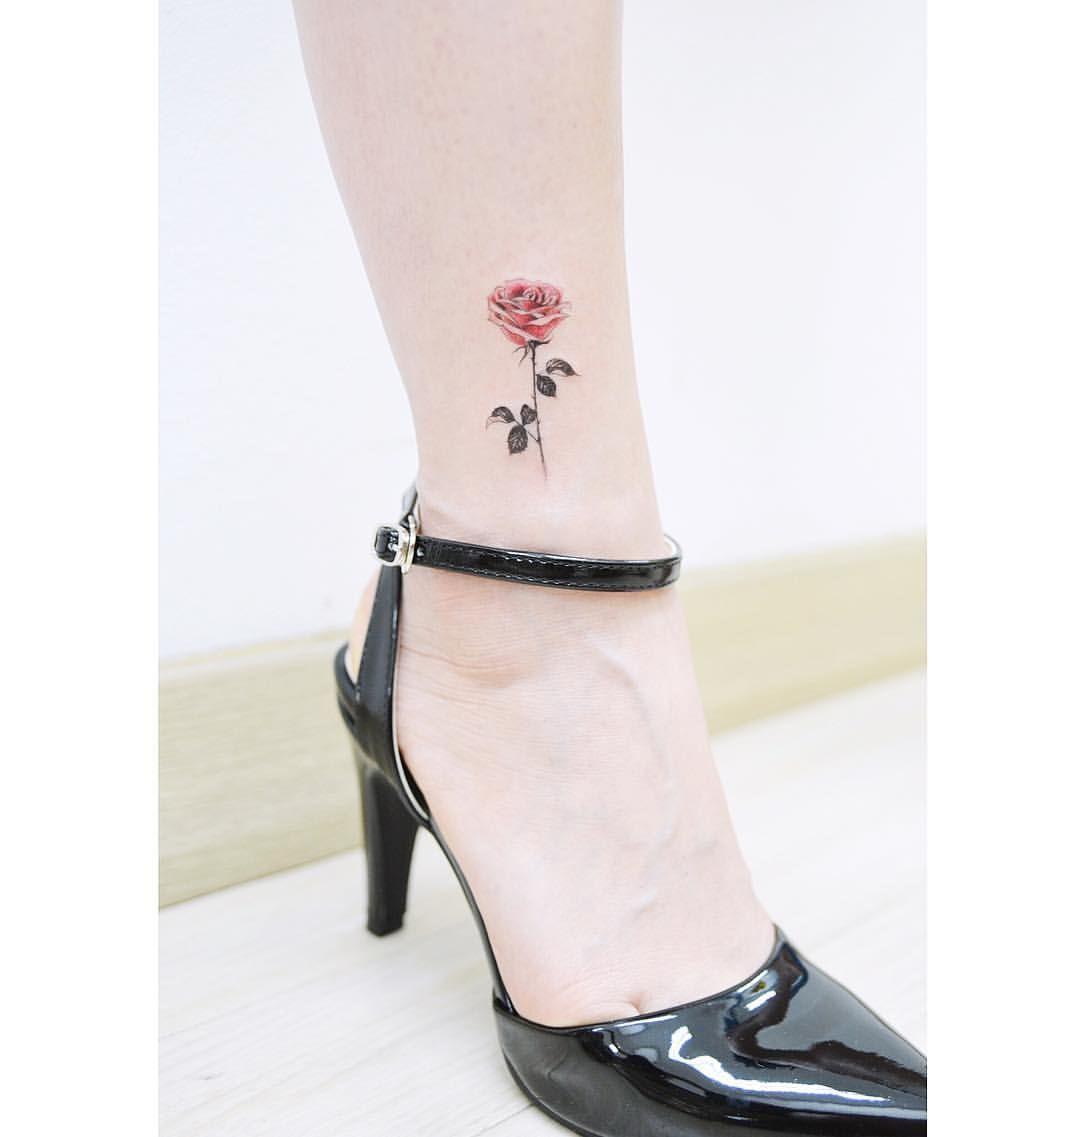 : Sexy Rose  for dancer . . #tattooistbanul #tattoo #tattooing #rose #rosetattoo #flower #flowertattoo #colortattoo #tattoosupplybell #tattoomagazine #tattooartist #tattoostagram #tattooart #tattooinkspiration #타투이스트바늘 #타투 #꽃  #꽃타투 #컬러타투 #장미